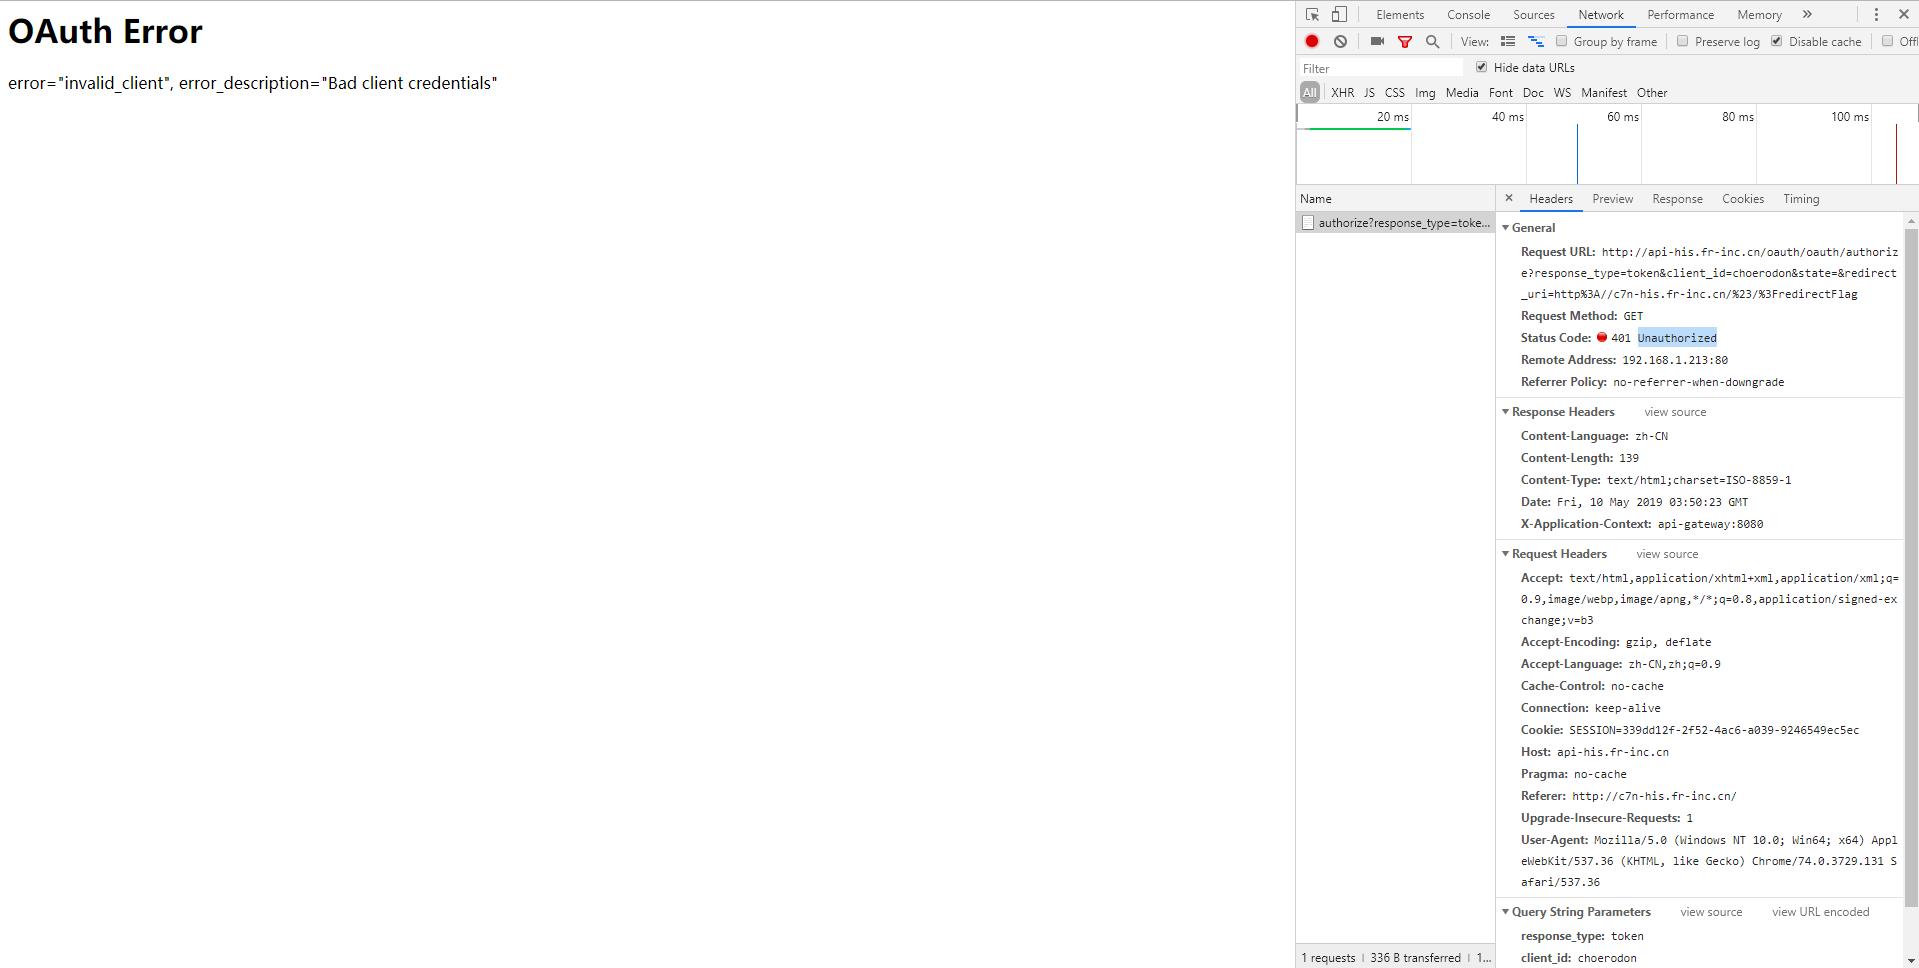 清除浏览器缓存后提示OAuth Error - Installation management - Choerodon